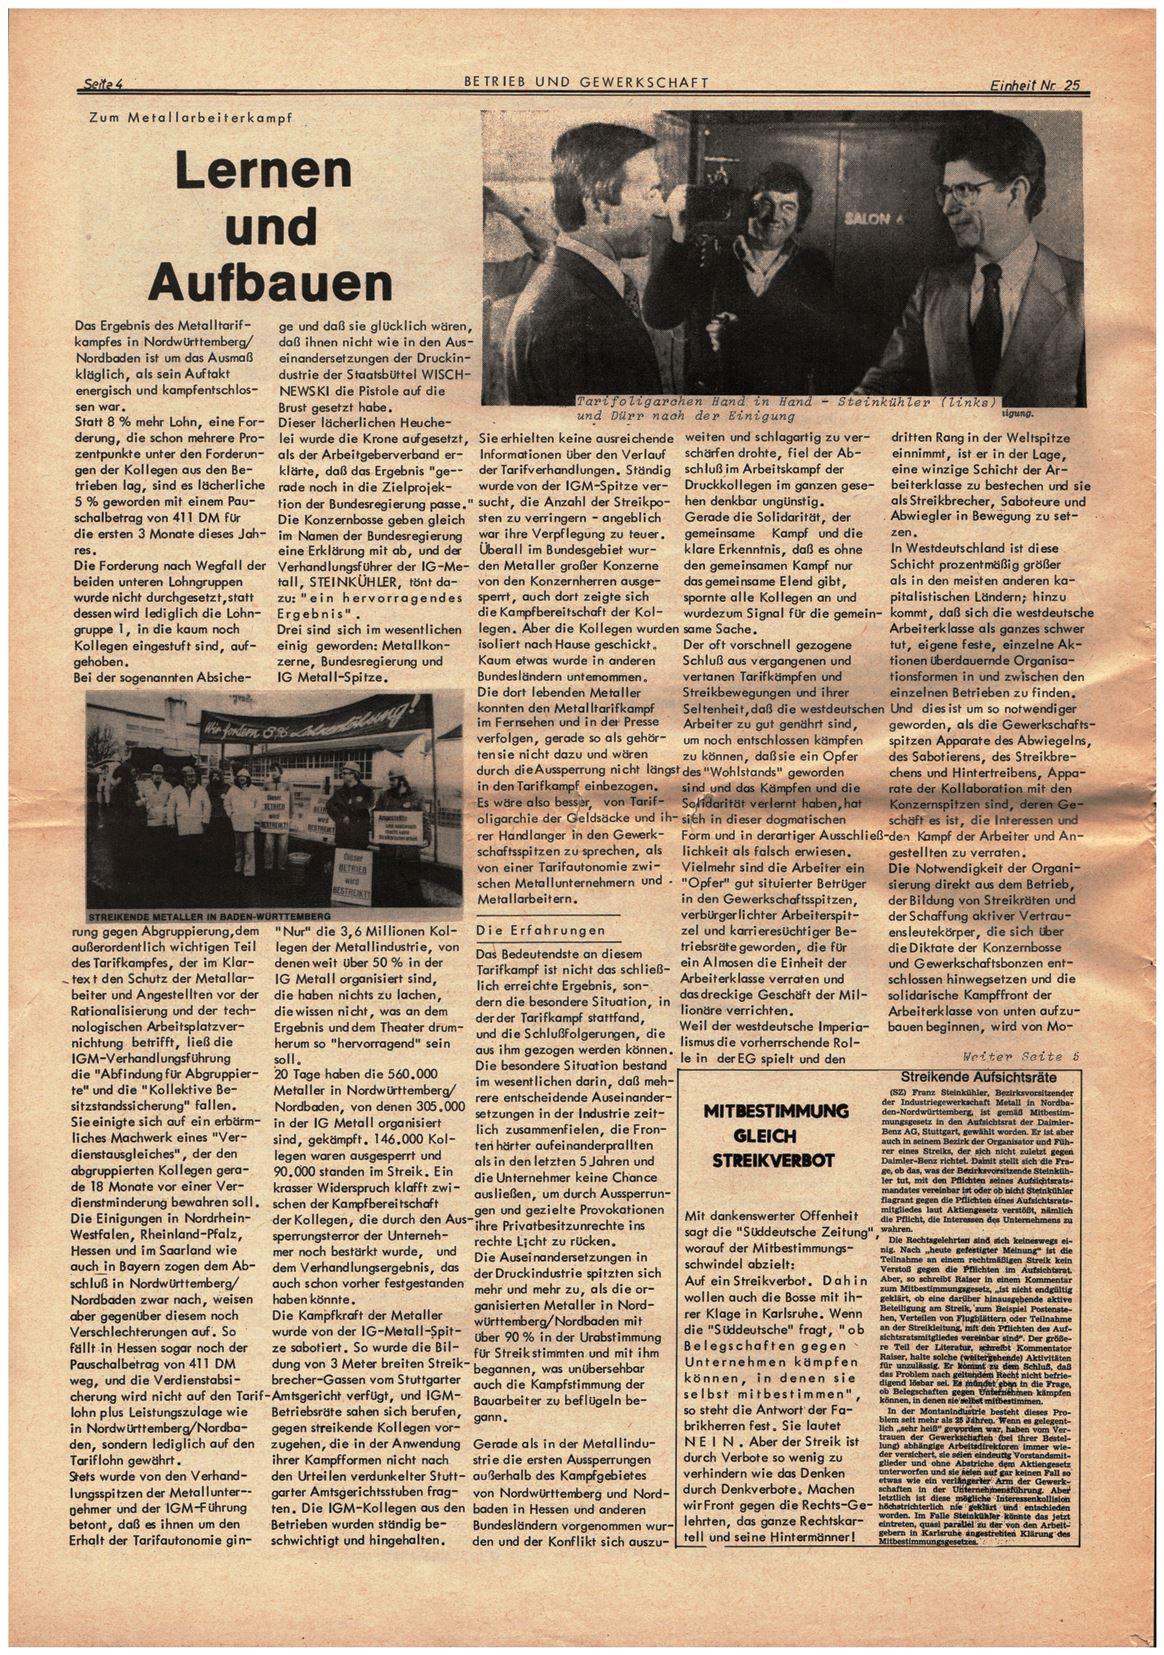 Koeln_IPdA_Einheit_1978_025_004